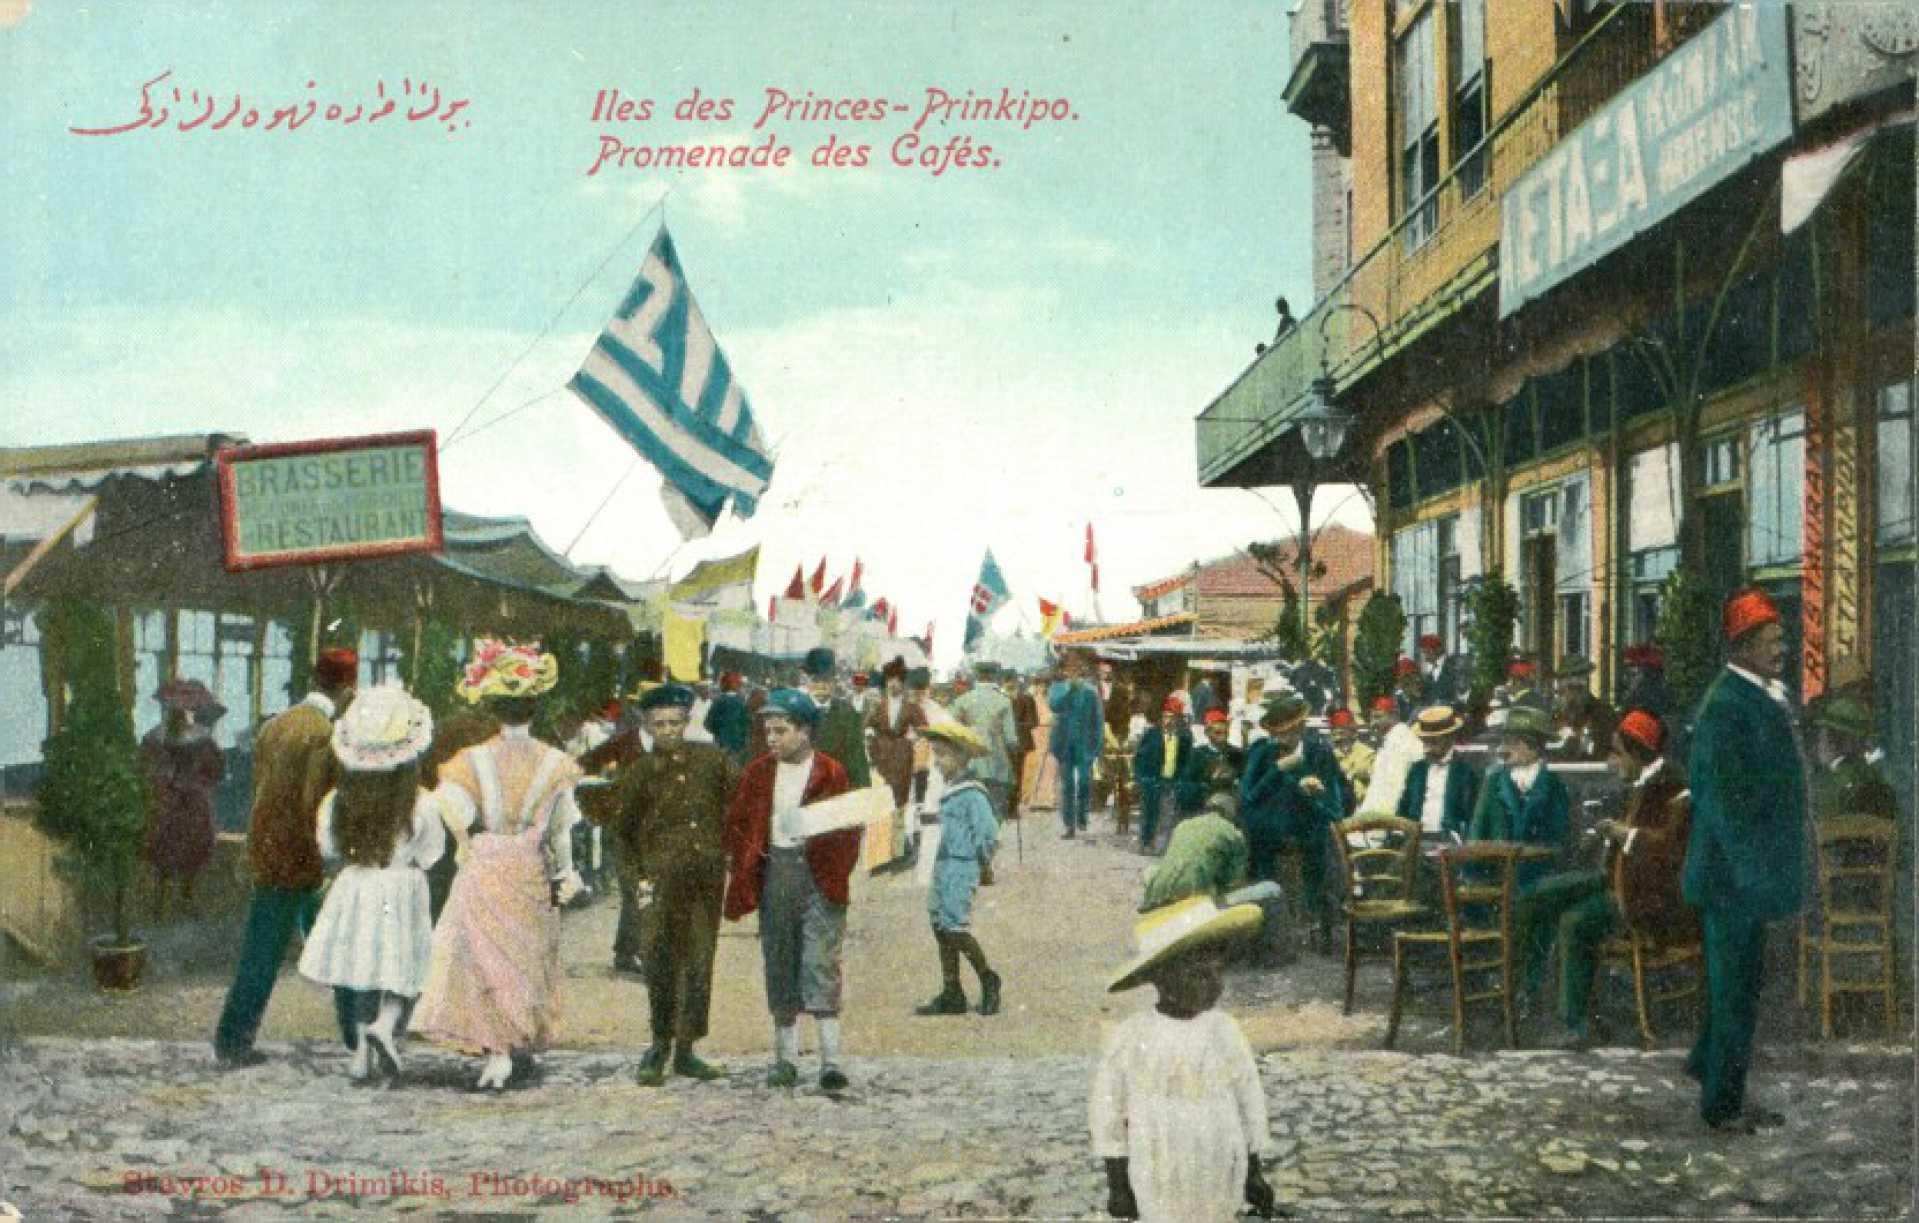 Iles des Princes – Prinkipo. Promenade des Cafes